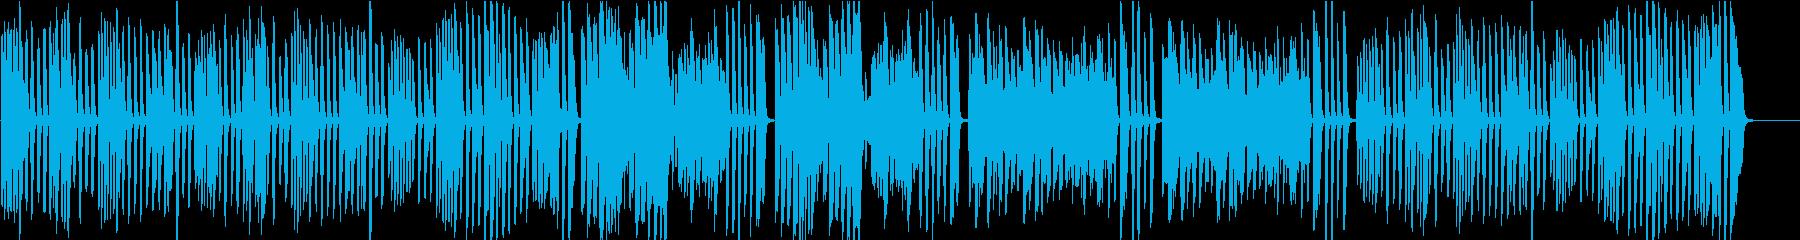 ピアノ名曲ガボット 上品でかわいい曲の再生済みの波形